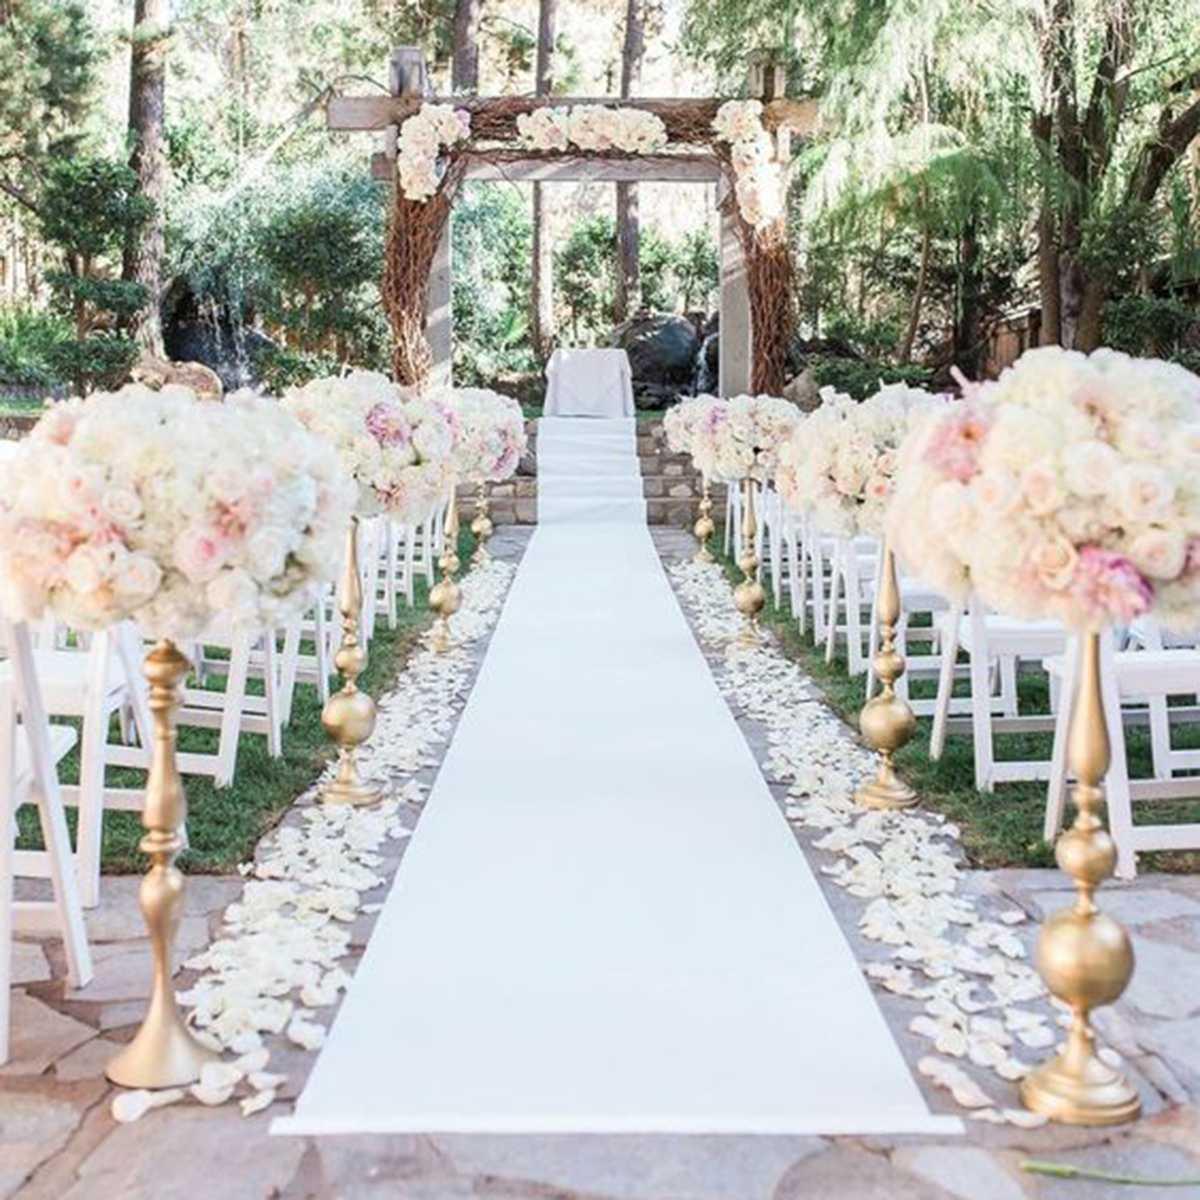 1.2 m x 10 m tapis blanc extérieur tapis allée pour Banquet de mariage Film Festival fête célébrations récompenses événements décoration tapis